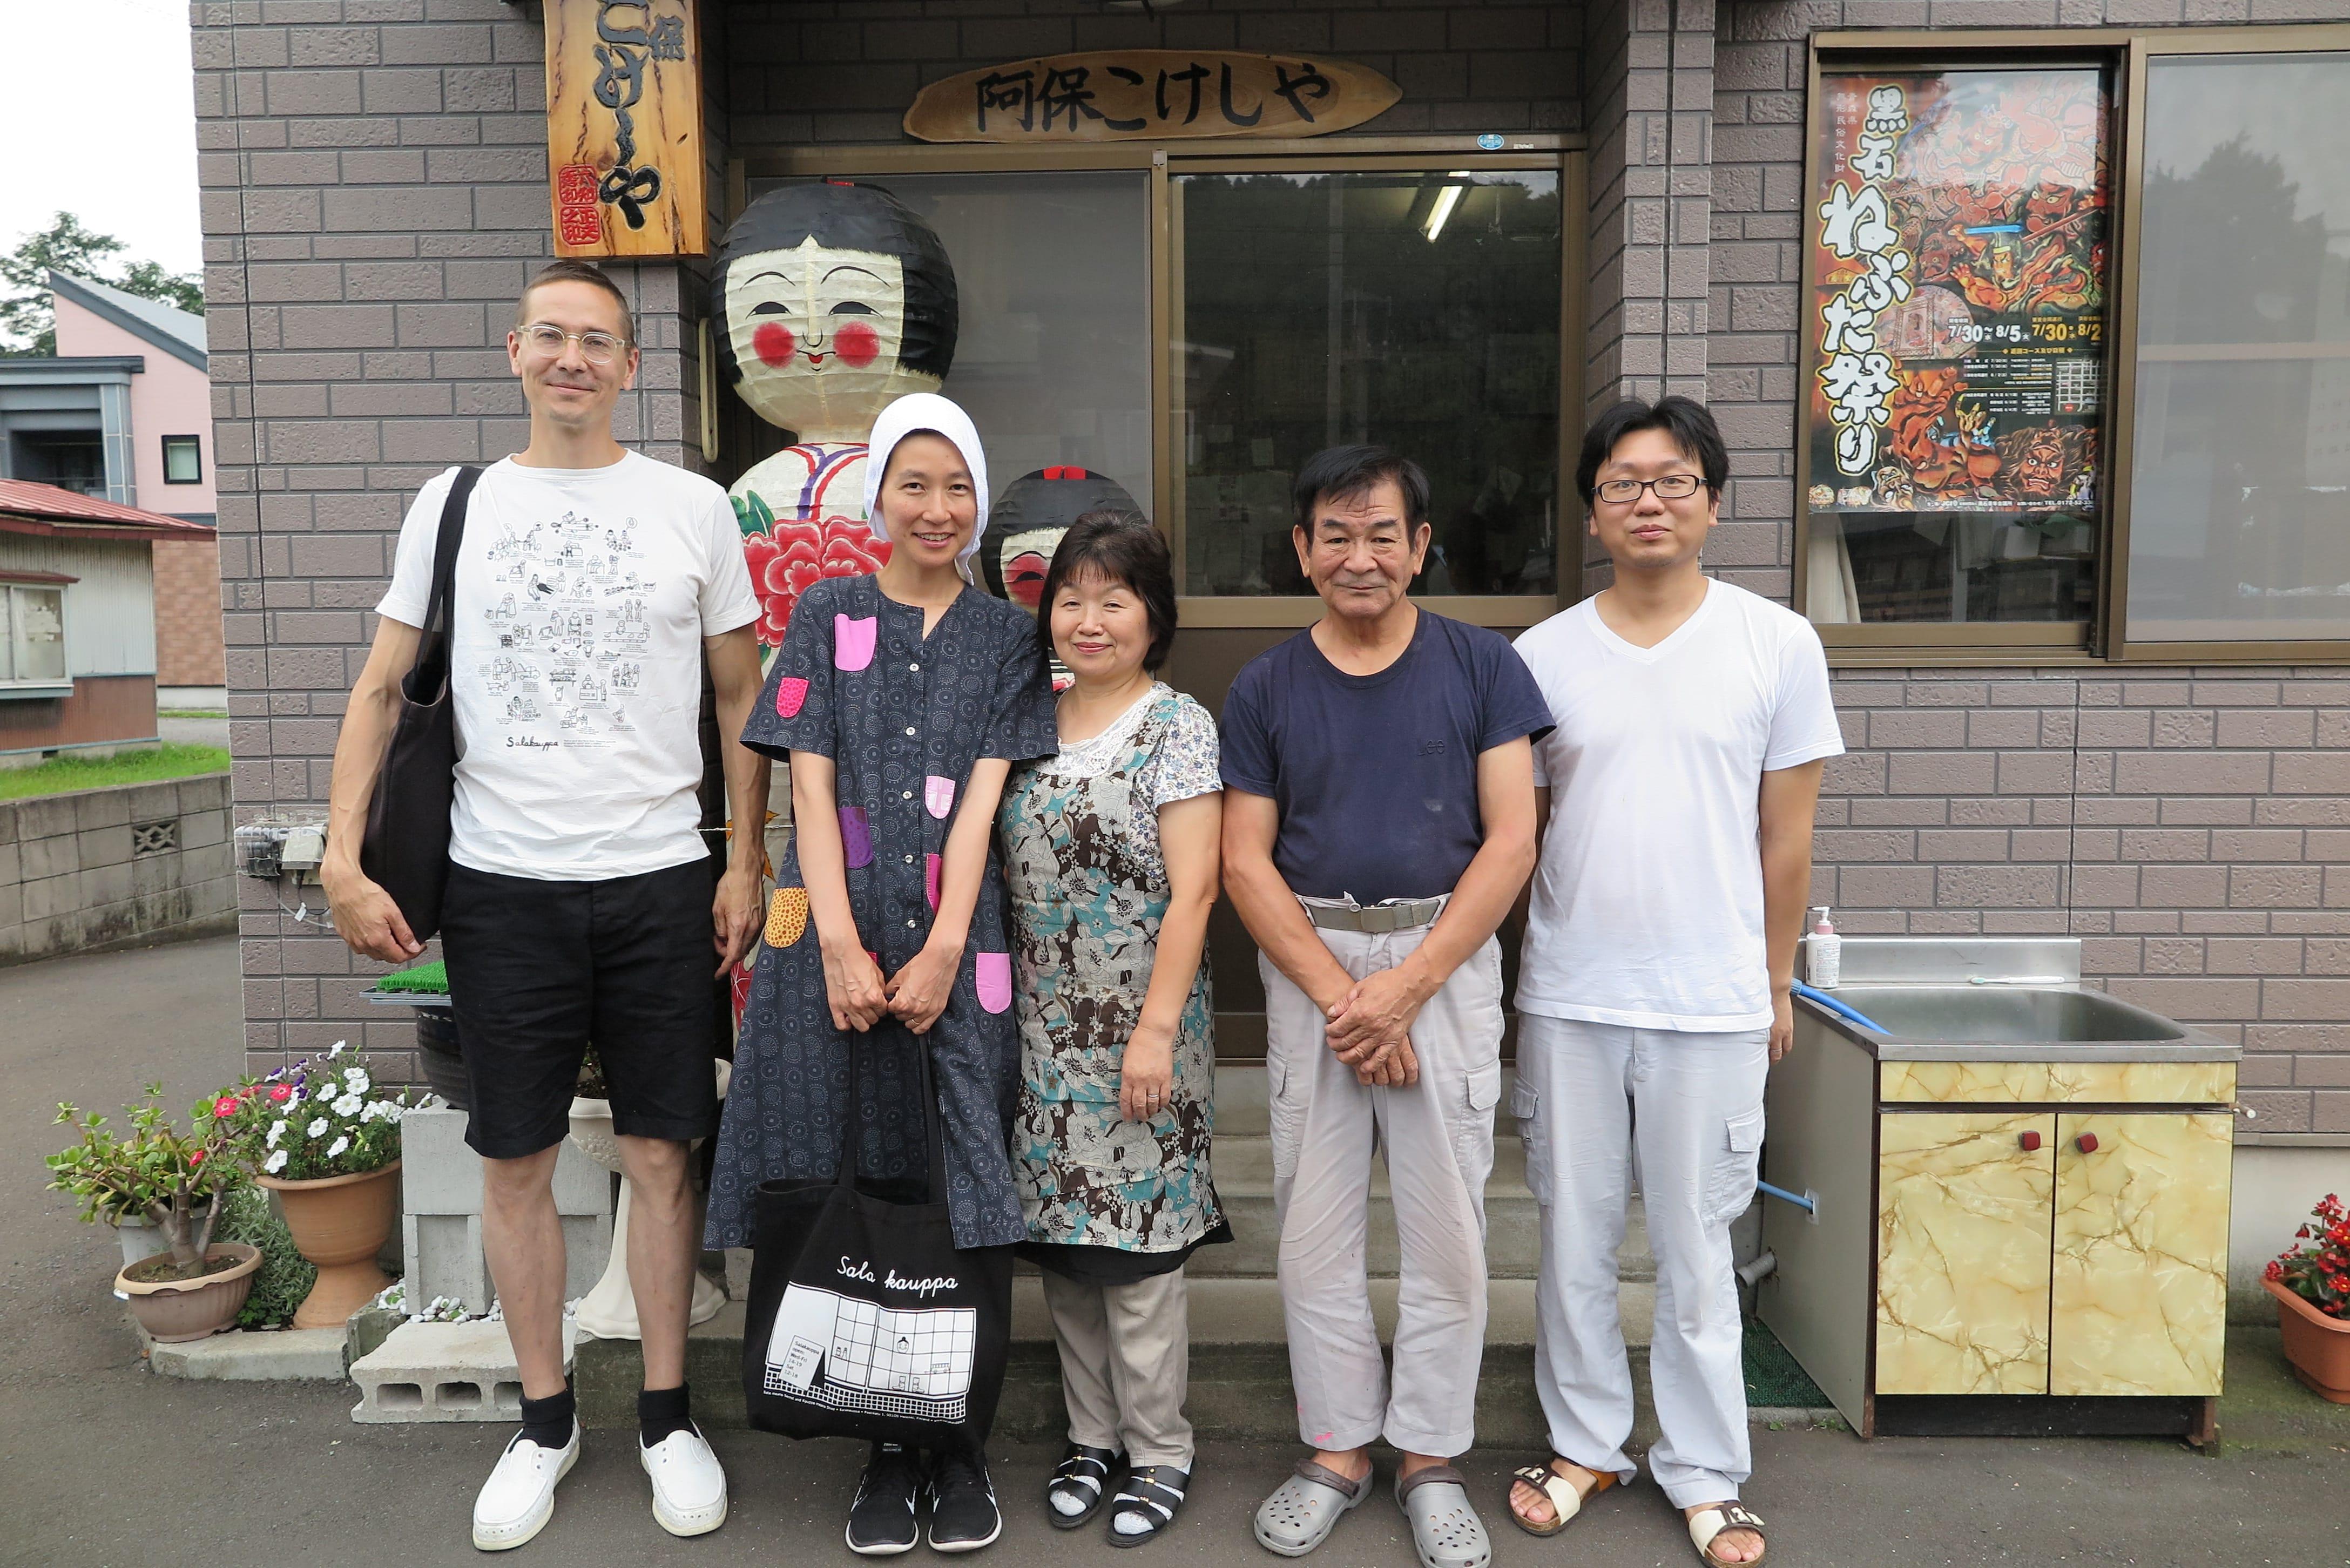 黒石市「阿保こけしや」の前で、工人・阿保六知秀氏とその家族とともに